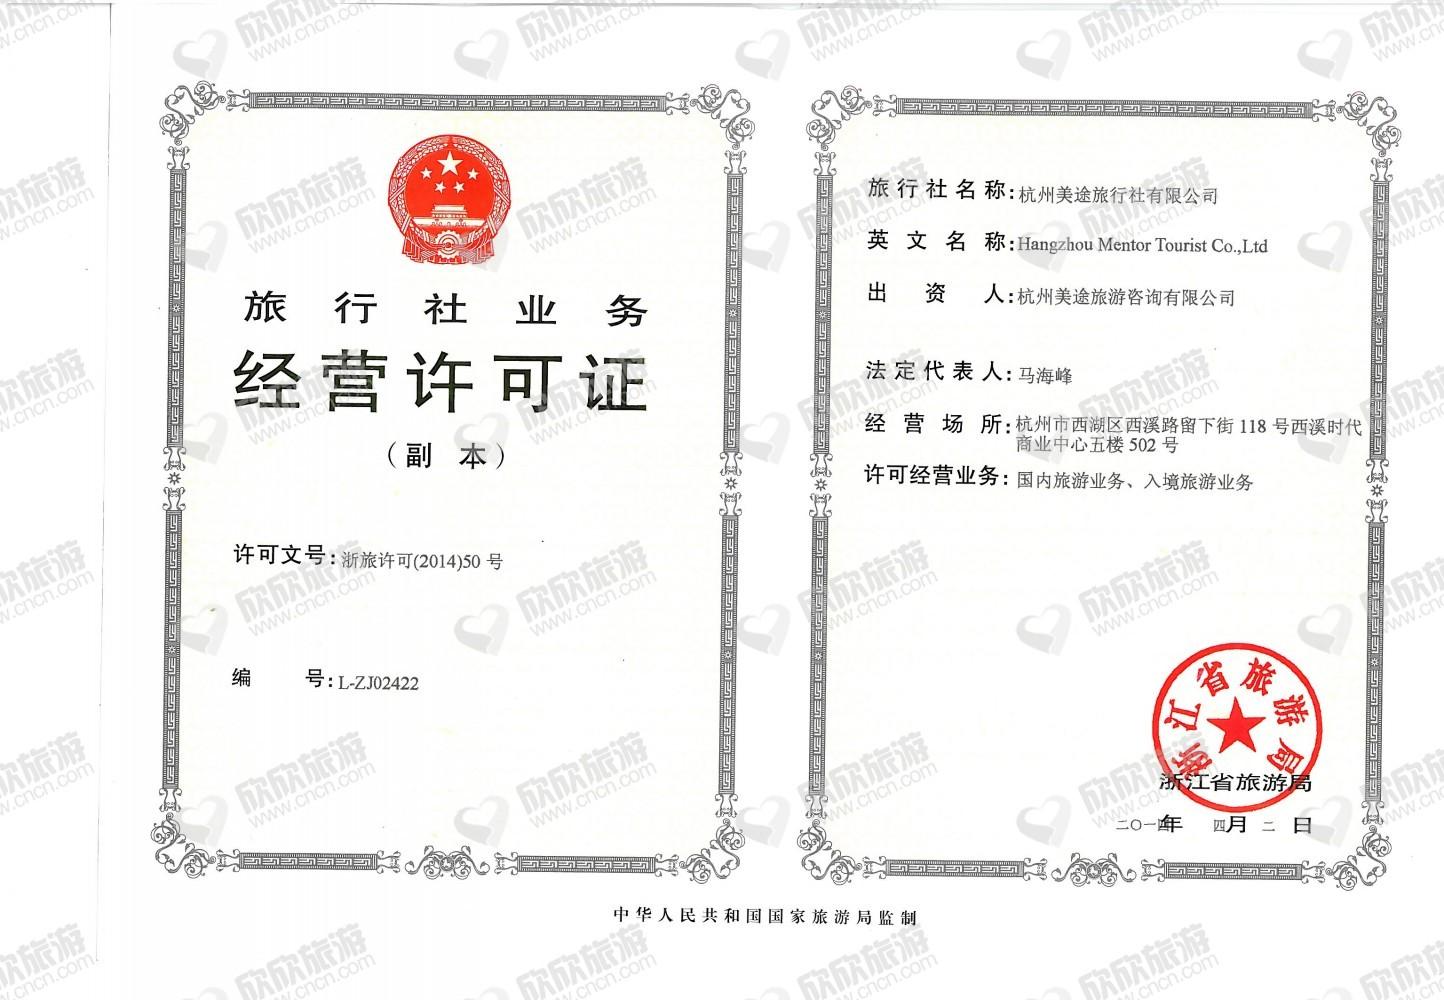 杭州美途旅行社有限公司经营许可证